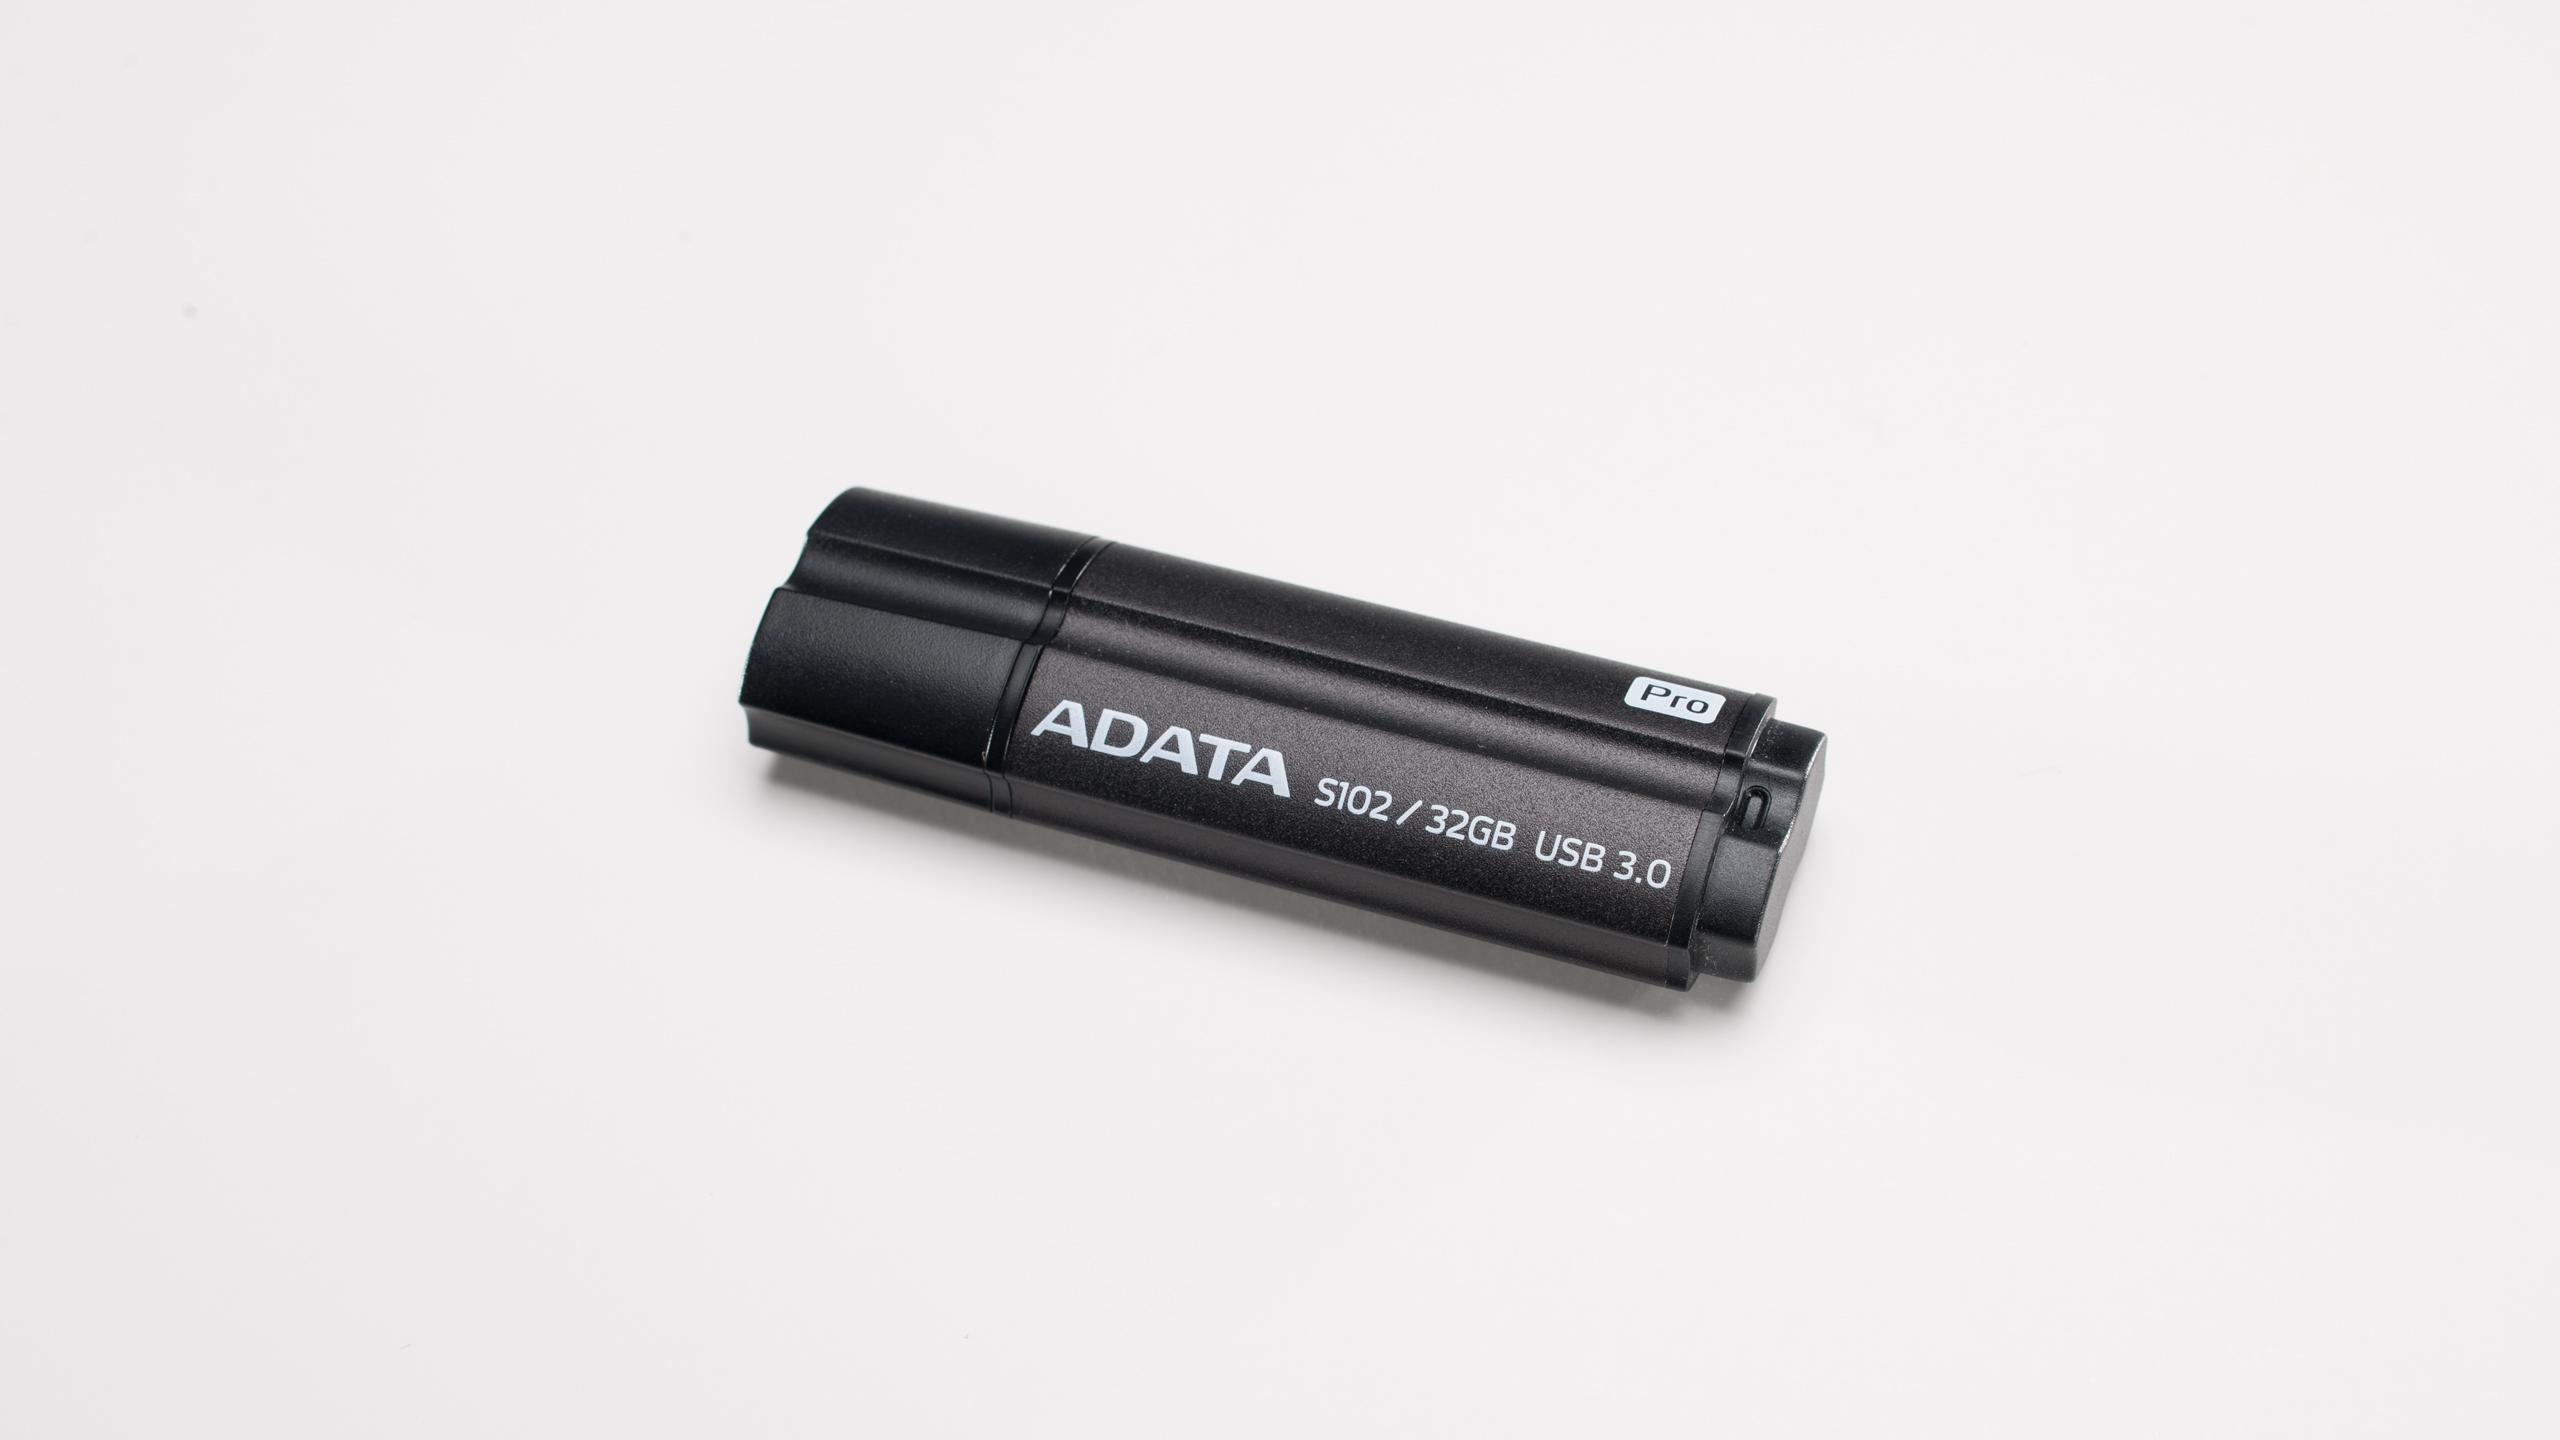 ADATA Superior S102 Capped